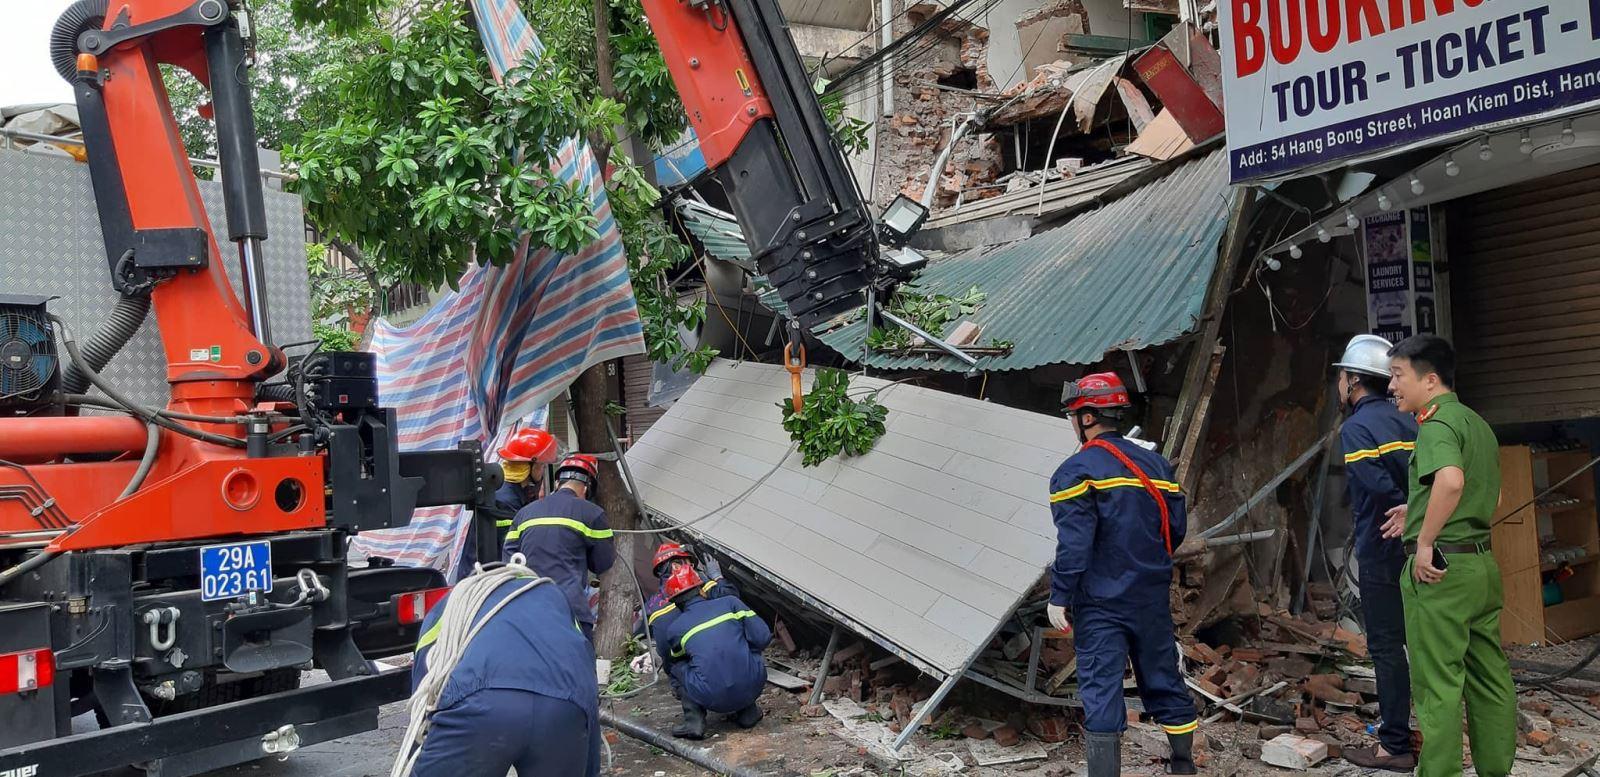 Lực lượng chức năng có mặt tại hiện trường ứng cứu.